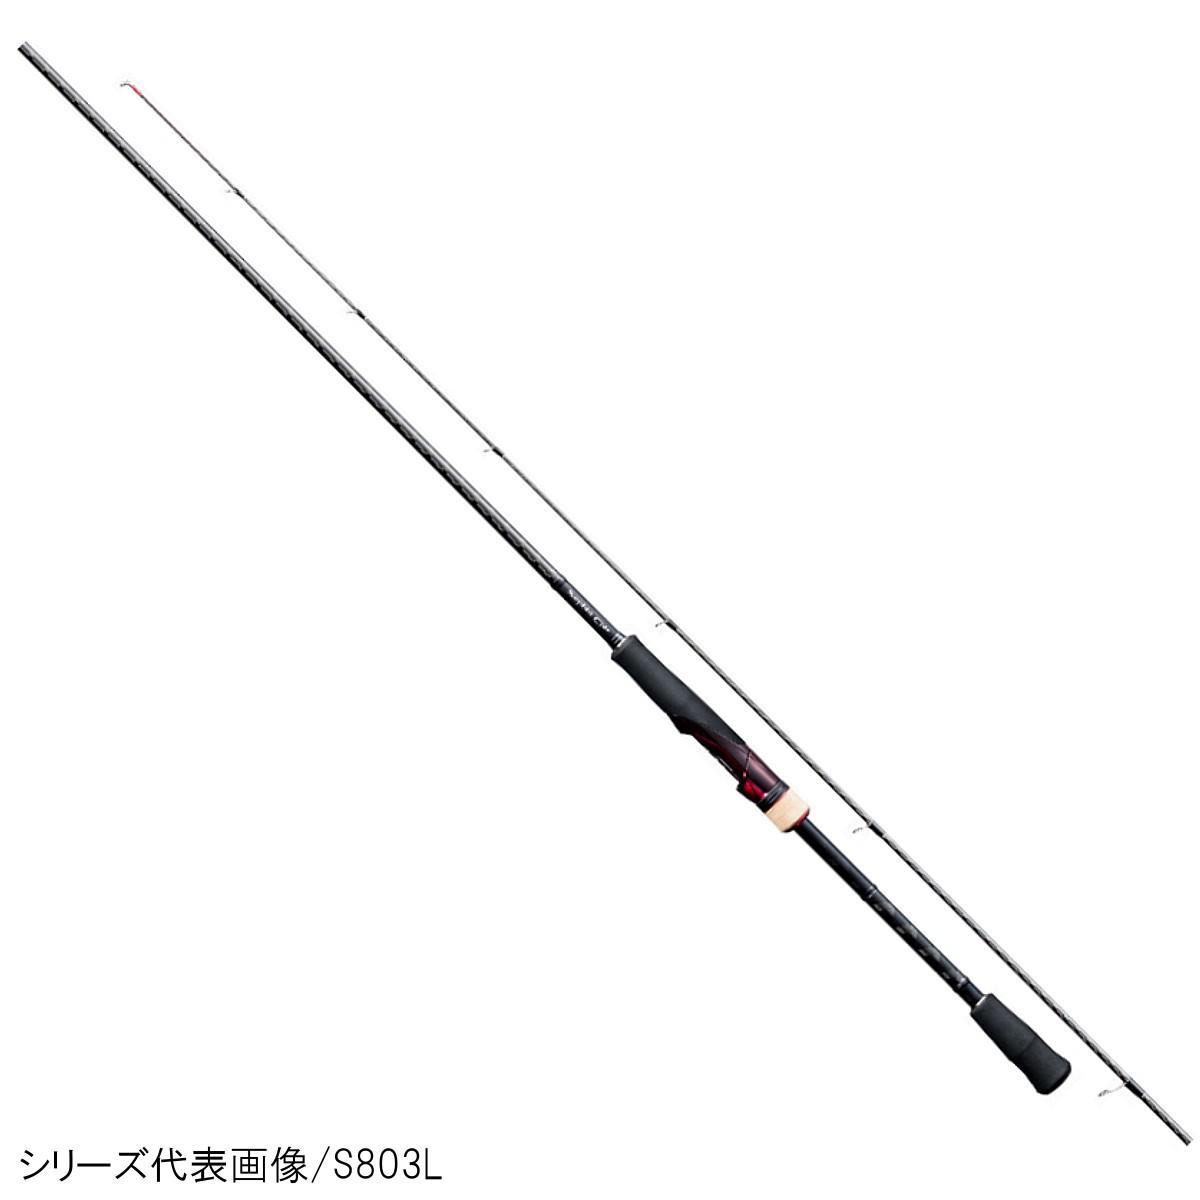 シマノ セフィアCI4+ S806L【大型商品】